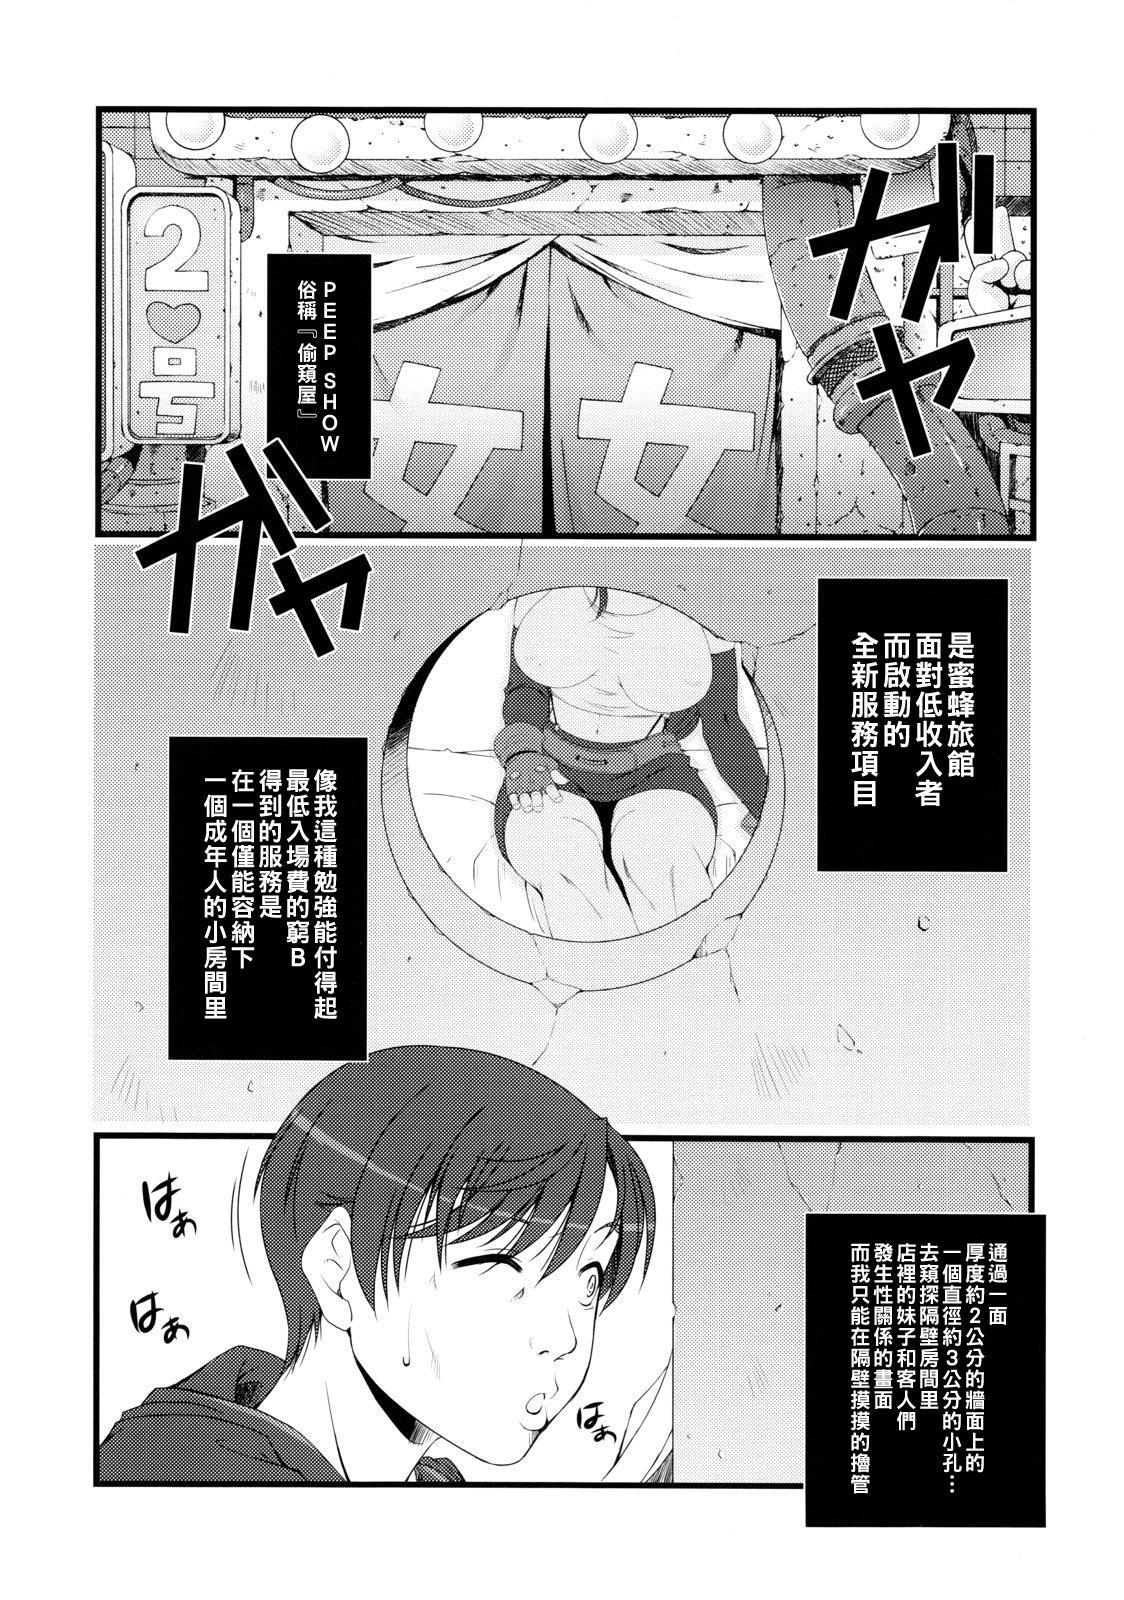 (C81) [るきるきEXISS (文月晦日)] MotherFucker (ファイナルファンタジー VII)(Chinese) 2